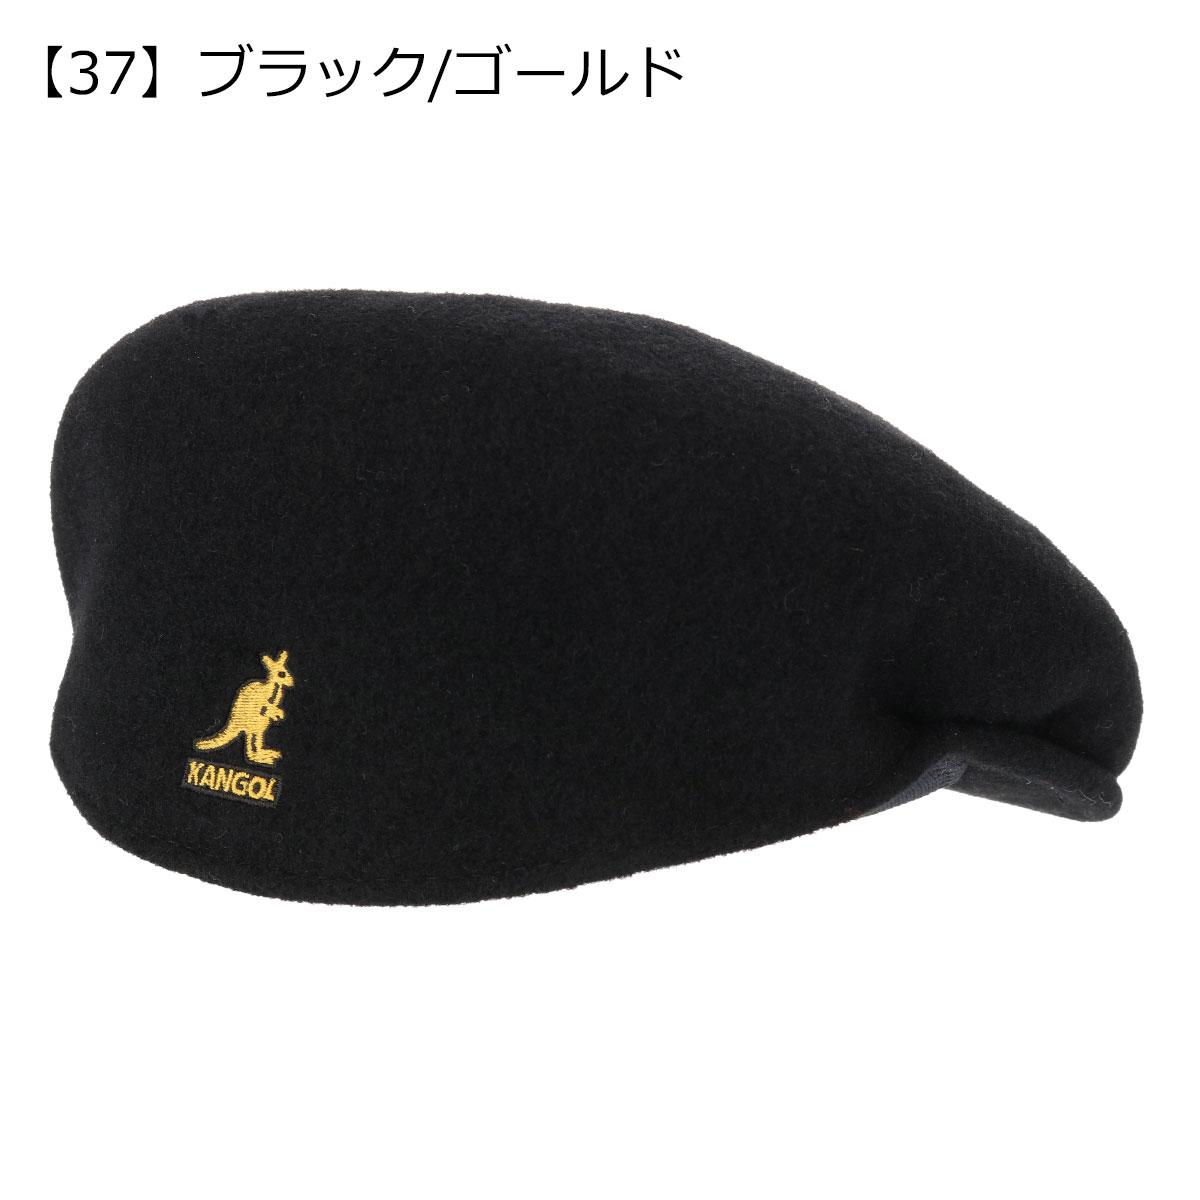 【37】ブラック/ゴールド